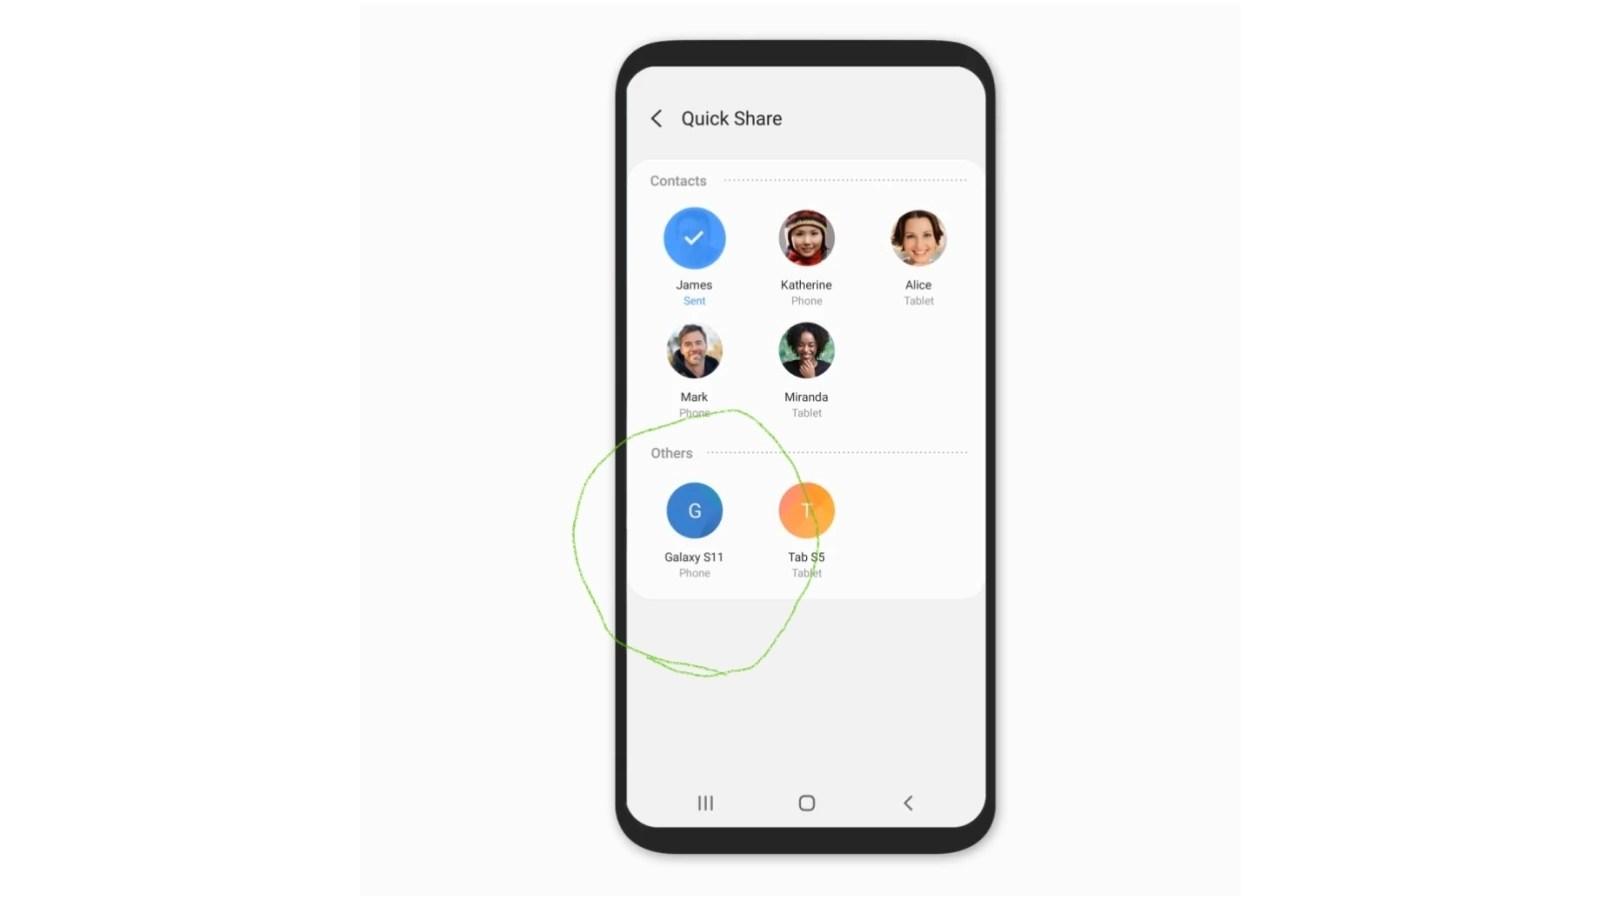 Samsung Galaxy S20 Statt S11 Namensanderung Erfolgte Wohl